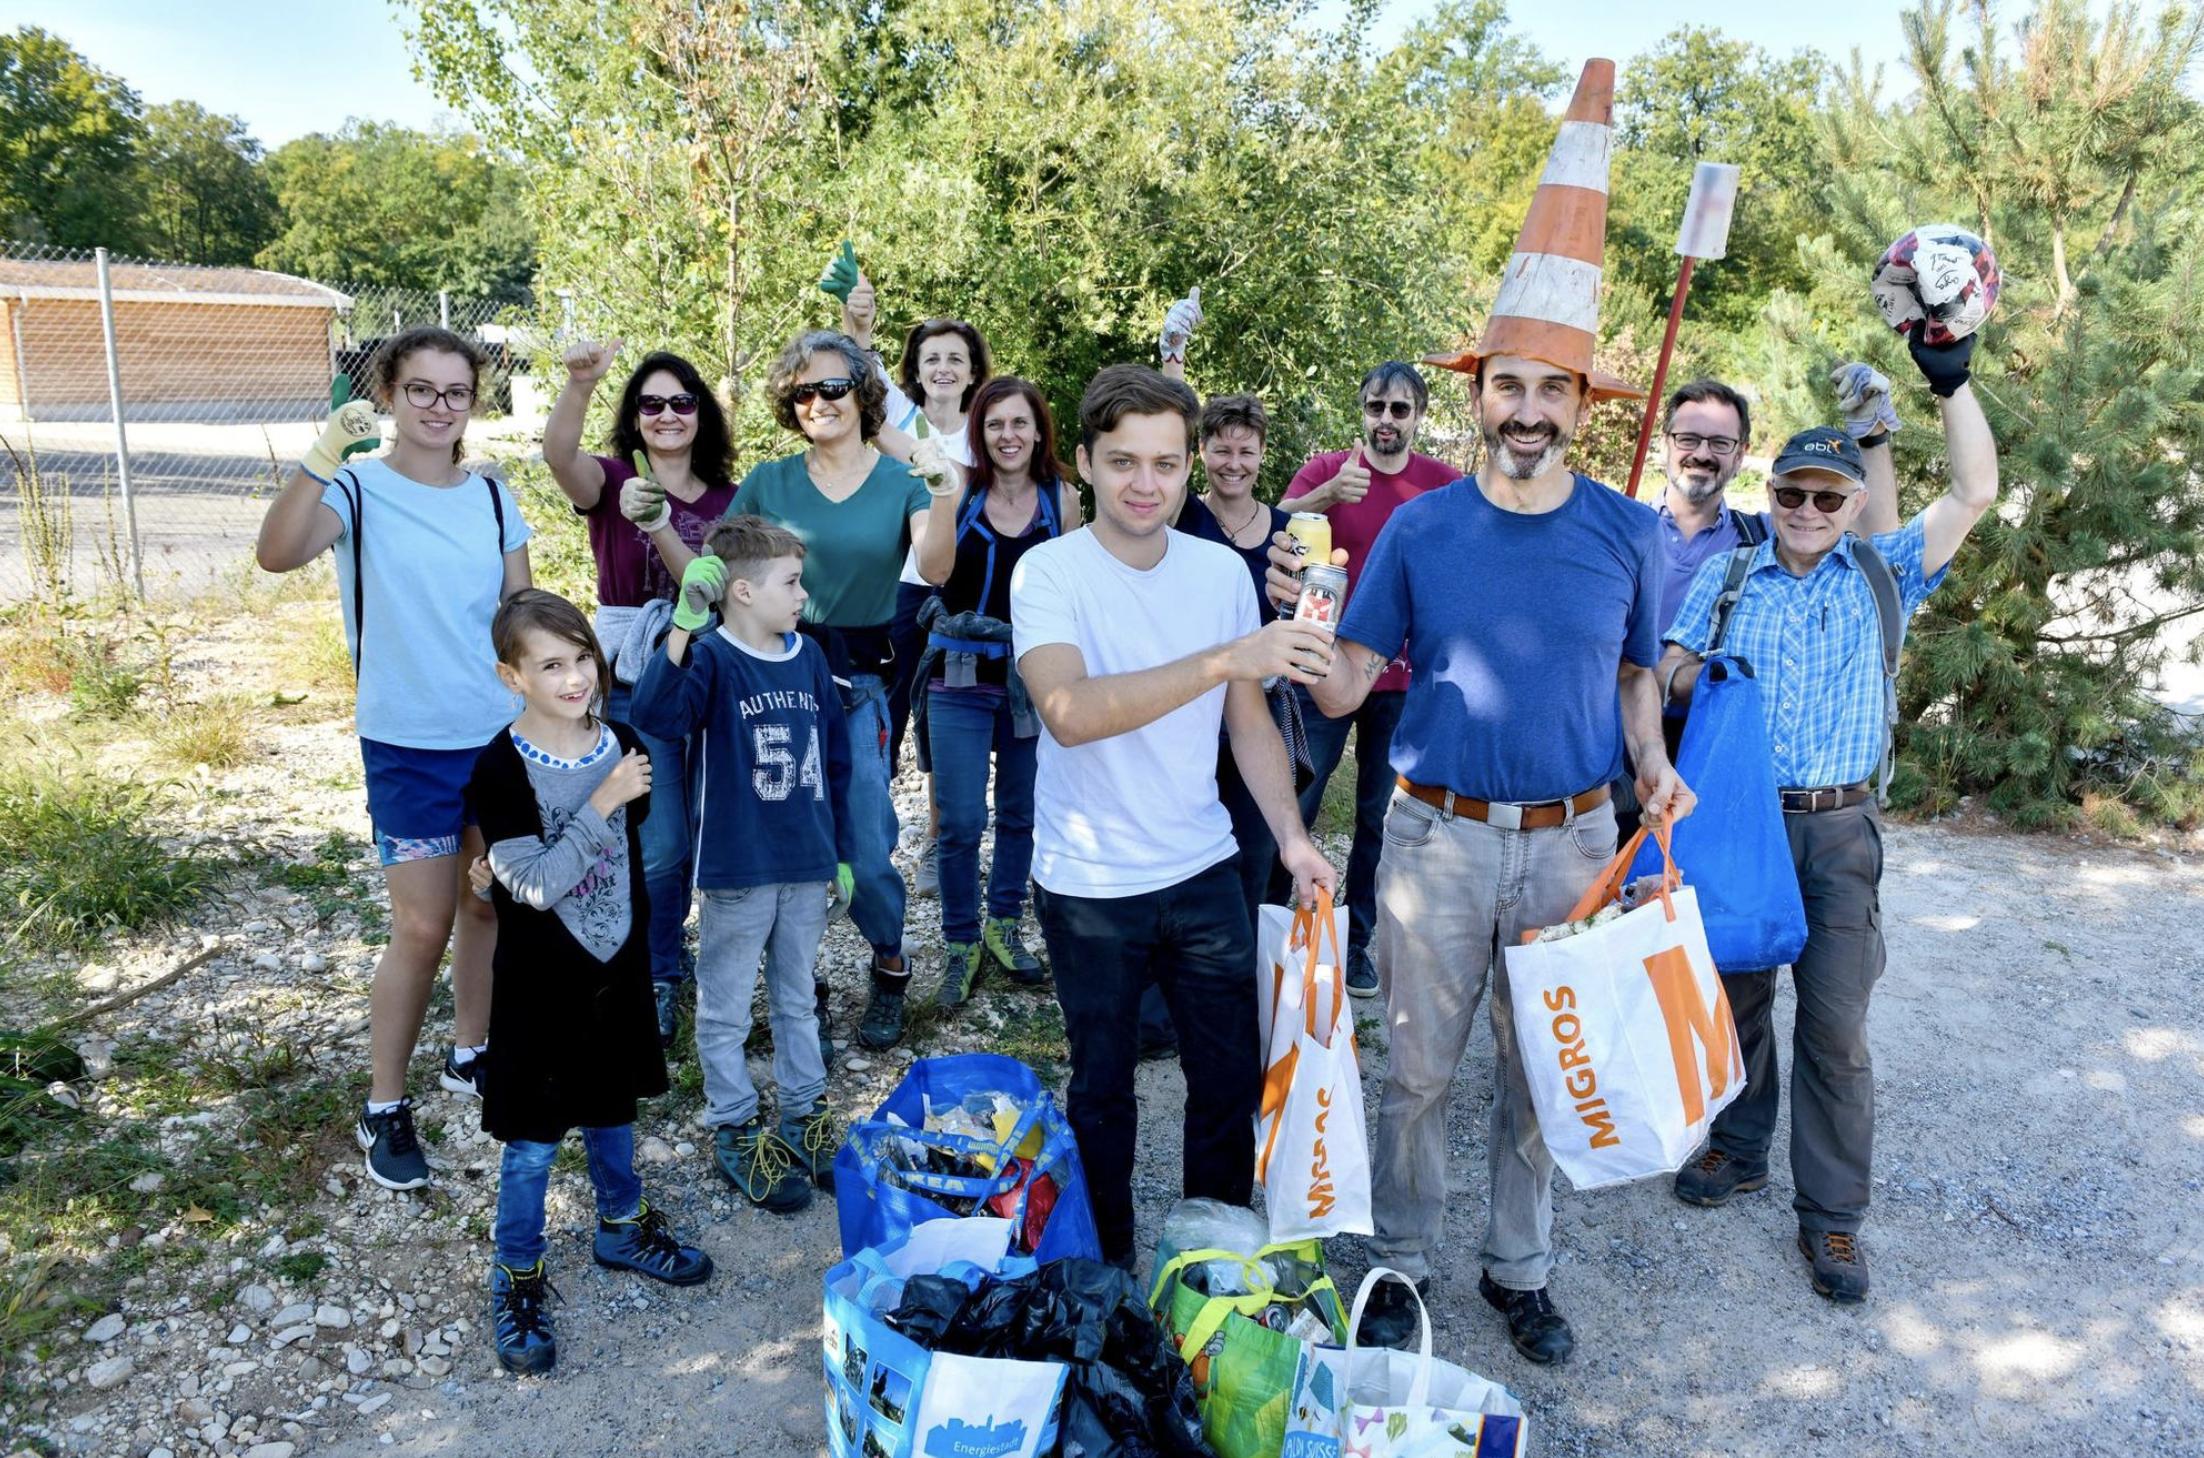 Der Reinacher Verein Suuberewald sammelt Müll im Wald. Mit von der Partie sind Politiker aus verschiedenen Parteien: Hier stösst der Jungfreisinnige Lucio Sansano (links) mit Grünen-Landrat Marco Agostini an.